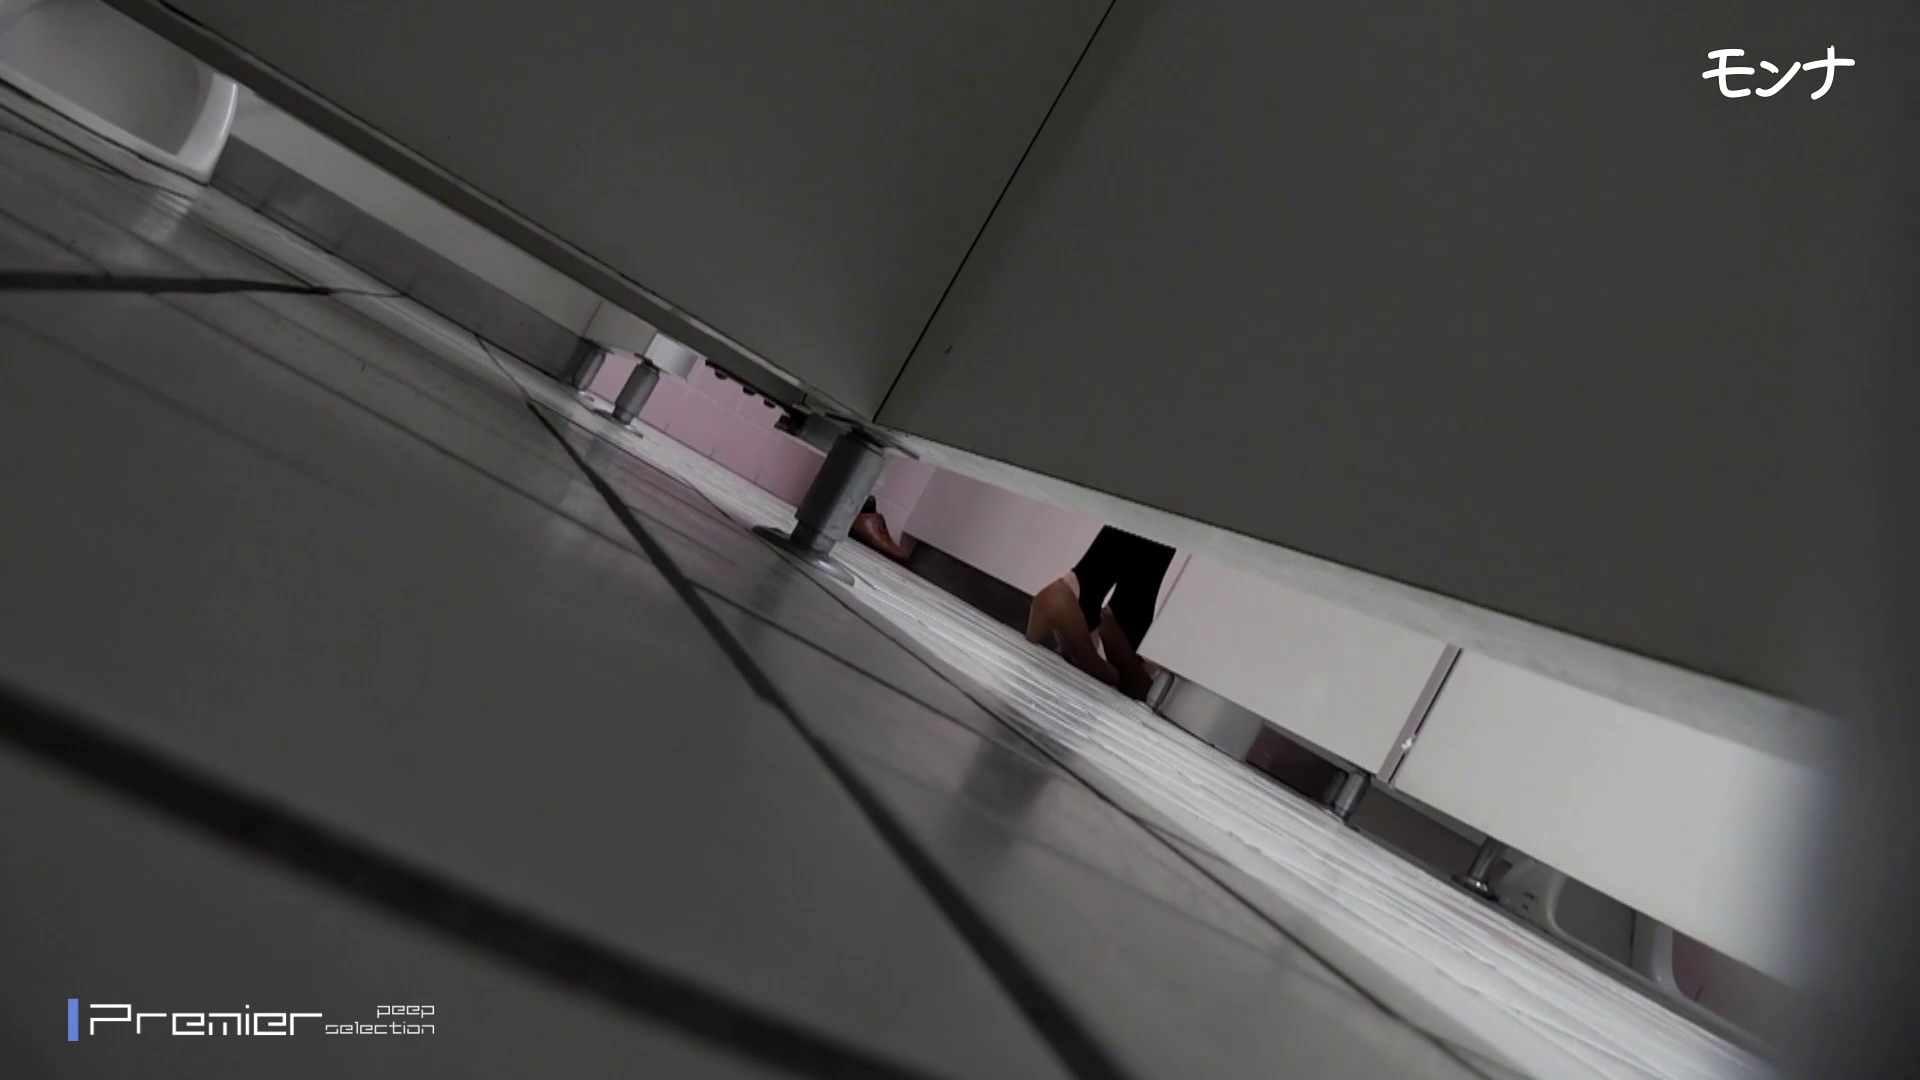 美しい日本の未来 No.77 聖職者のような清楚さを持ち合わせながら… フェチ   トイレ中の女子達  90連発 43